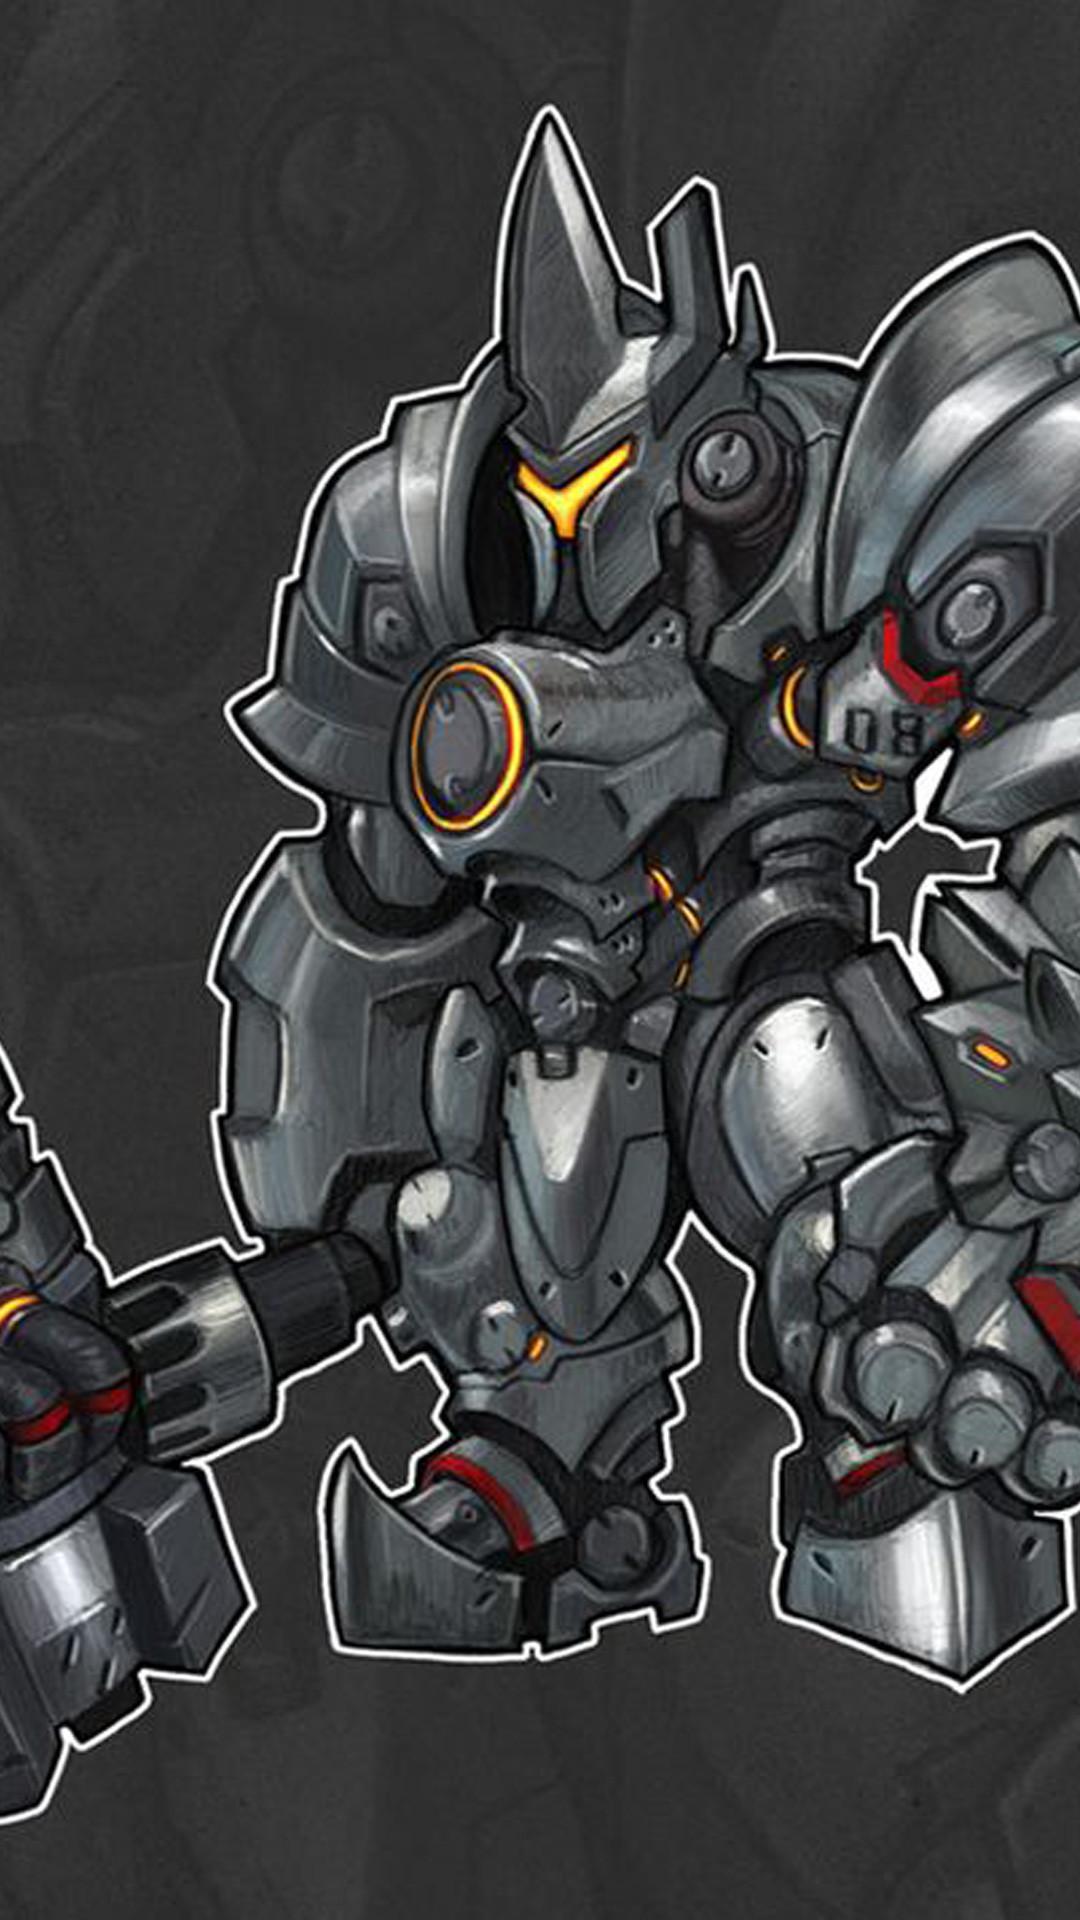 Reinhardt Dragon Slayer Overwatch iphone wallpapers Reinhardt Dragon Slayer  Overwatch iphone wallpaper